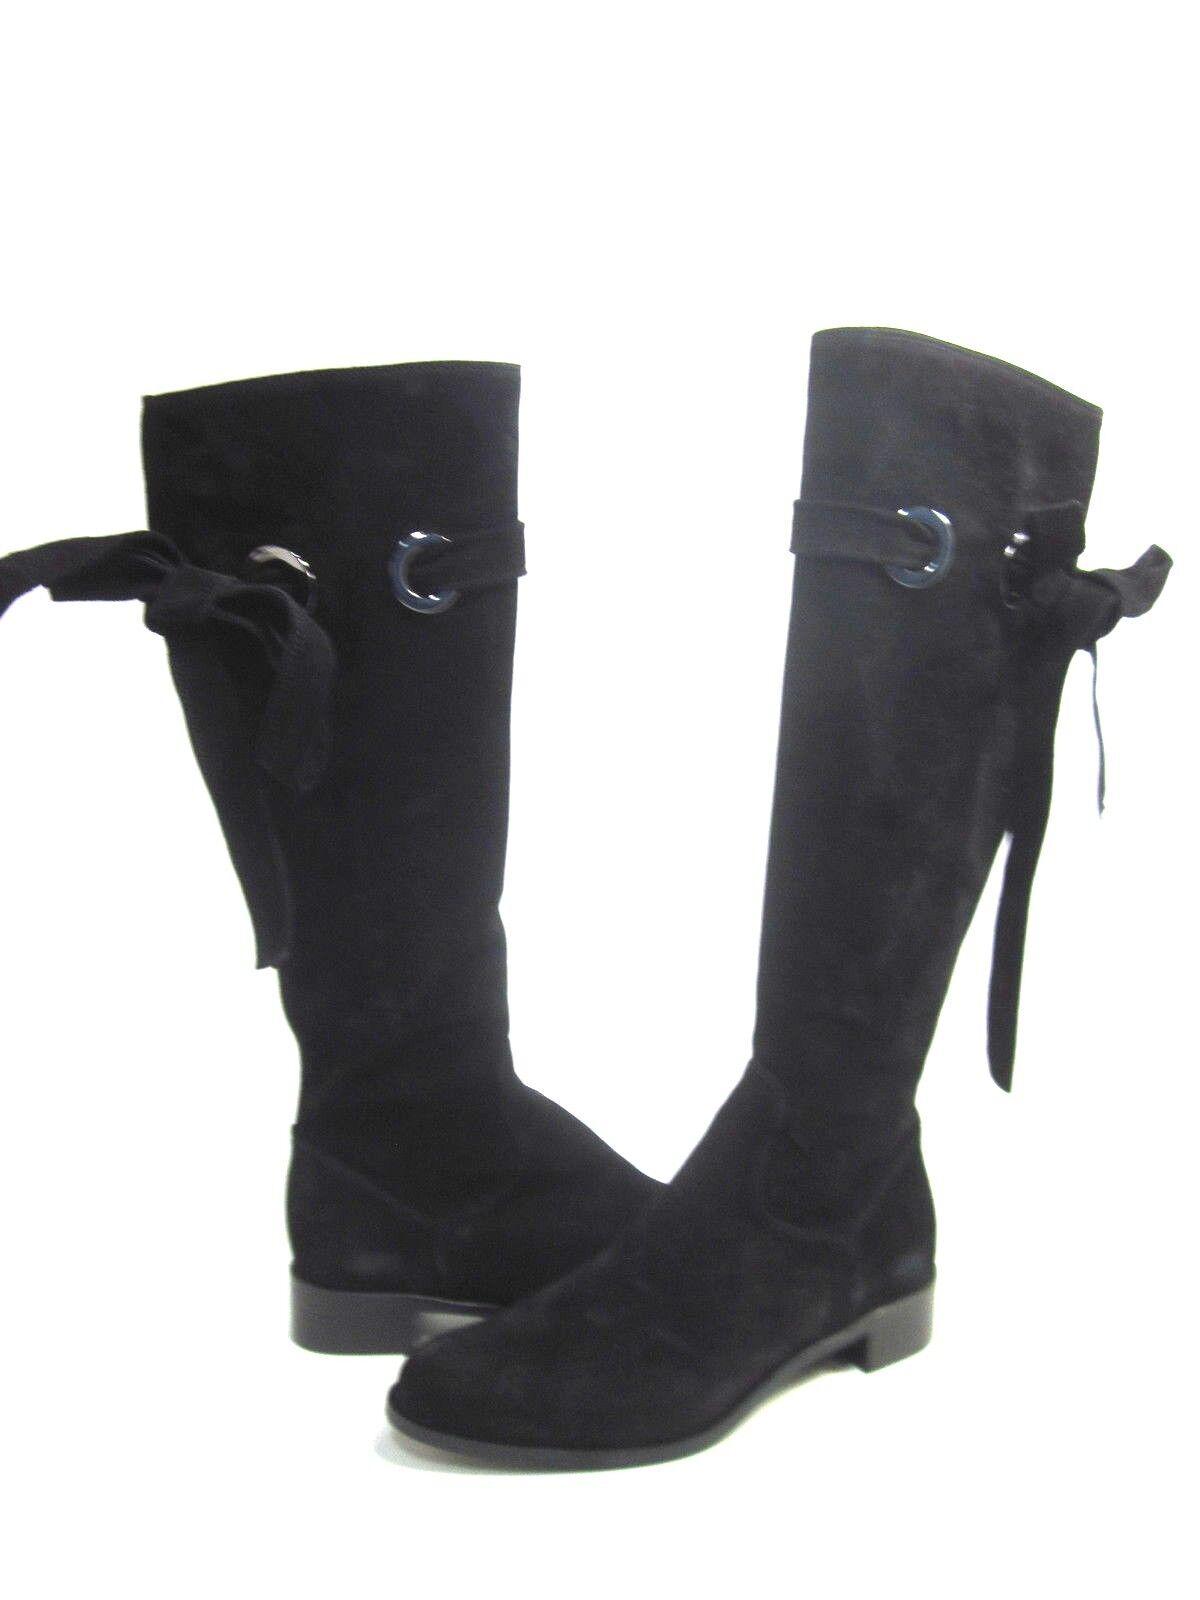 botas de Moda para mujer mujer mujer Lucy de mantequilla, Gamuza Negra, US tamaño 7.5,EUR 37.5, Medio  las mejores marcas venden barato